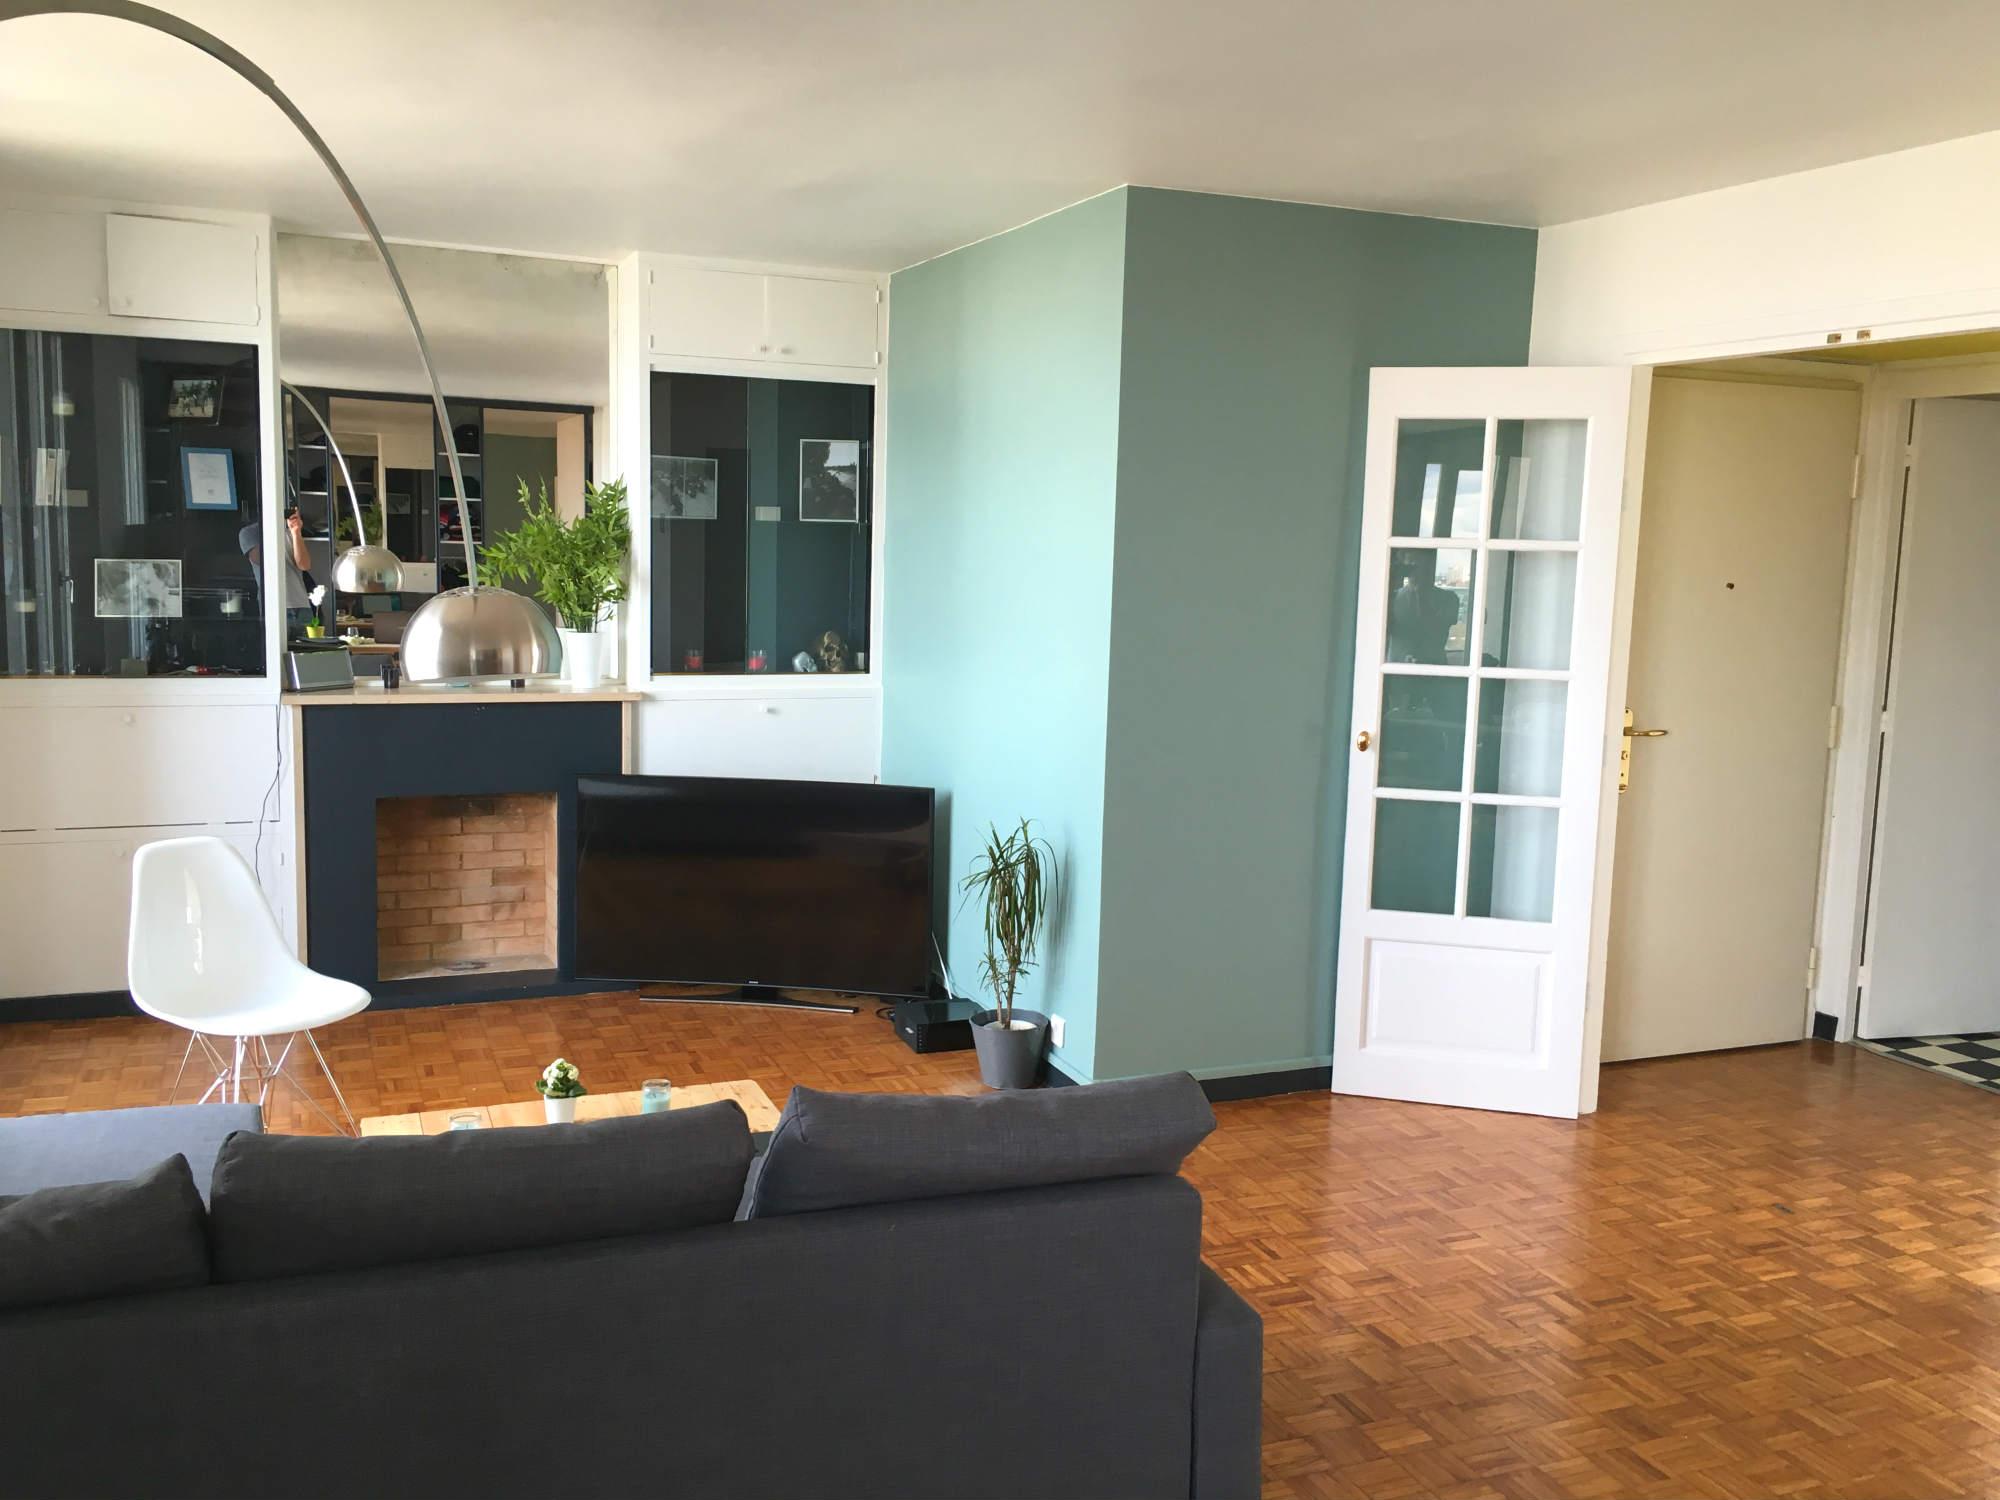 Renovation D Interieur Paris eolh btp - travaux de rénovation d'un appartement f4 paris